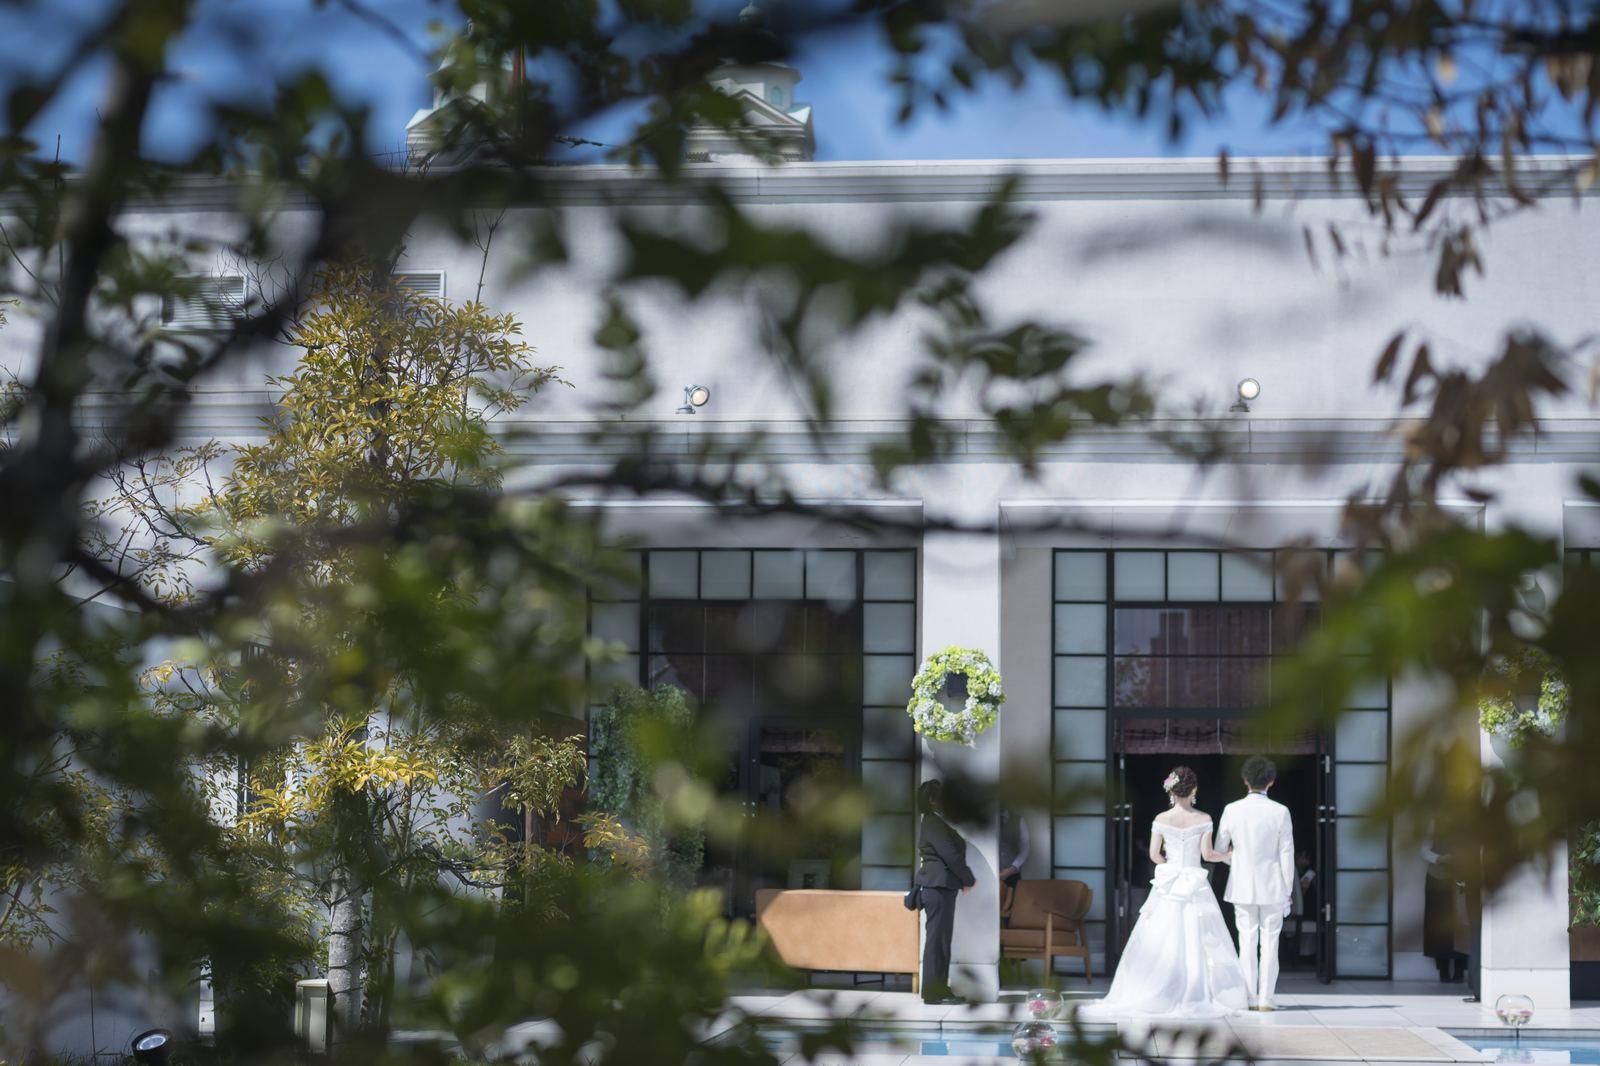 香川県の結婚式場シェルエメール&アイスタイル ガーデン入場